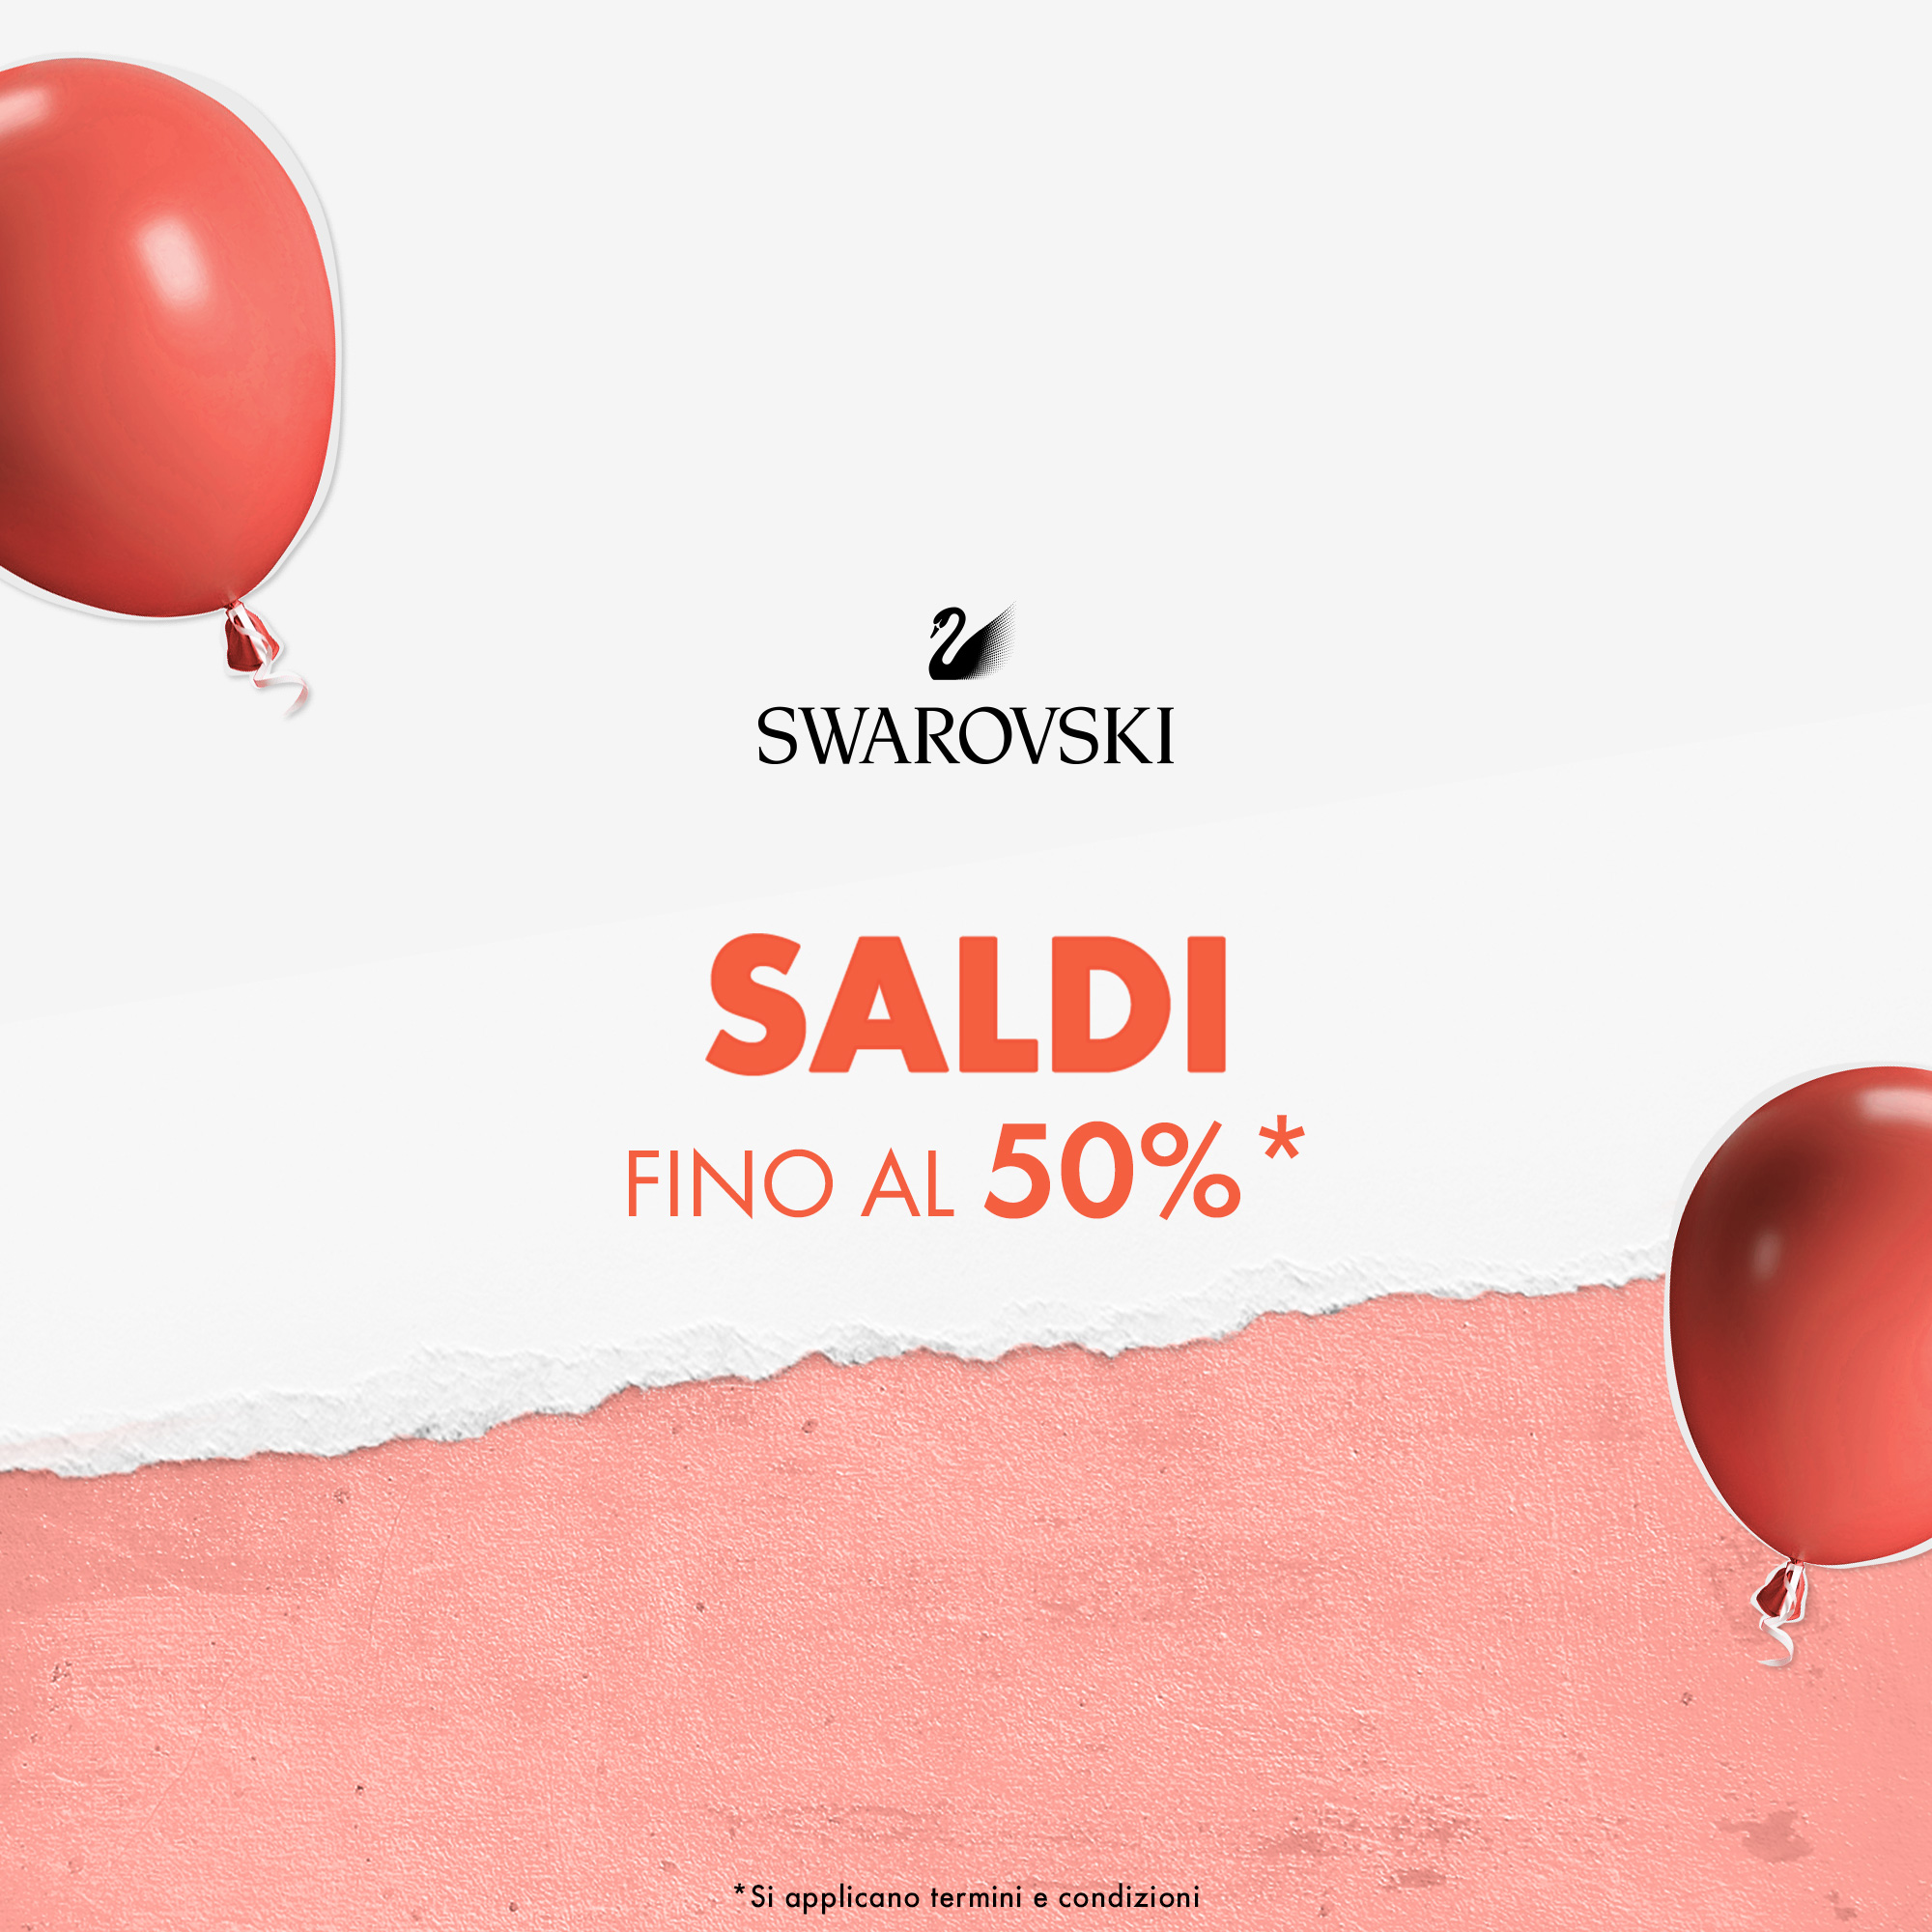 SWAROVSKI: SALDI & CELEBRATION OFFER